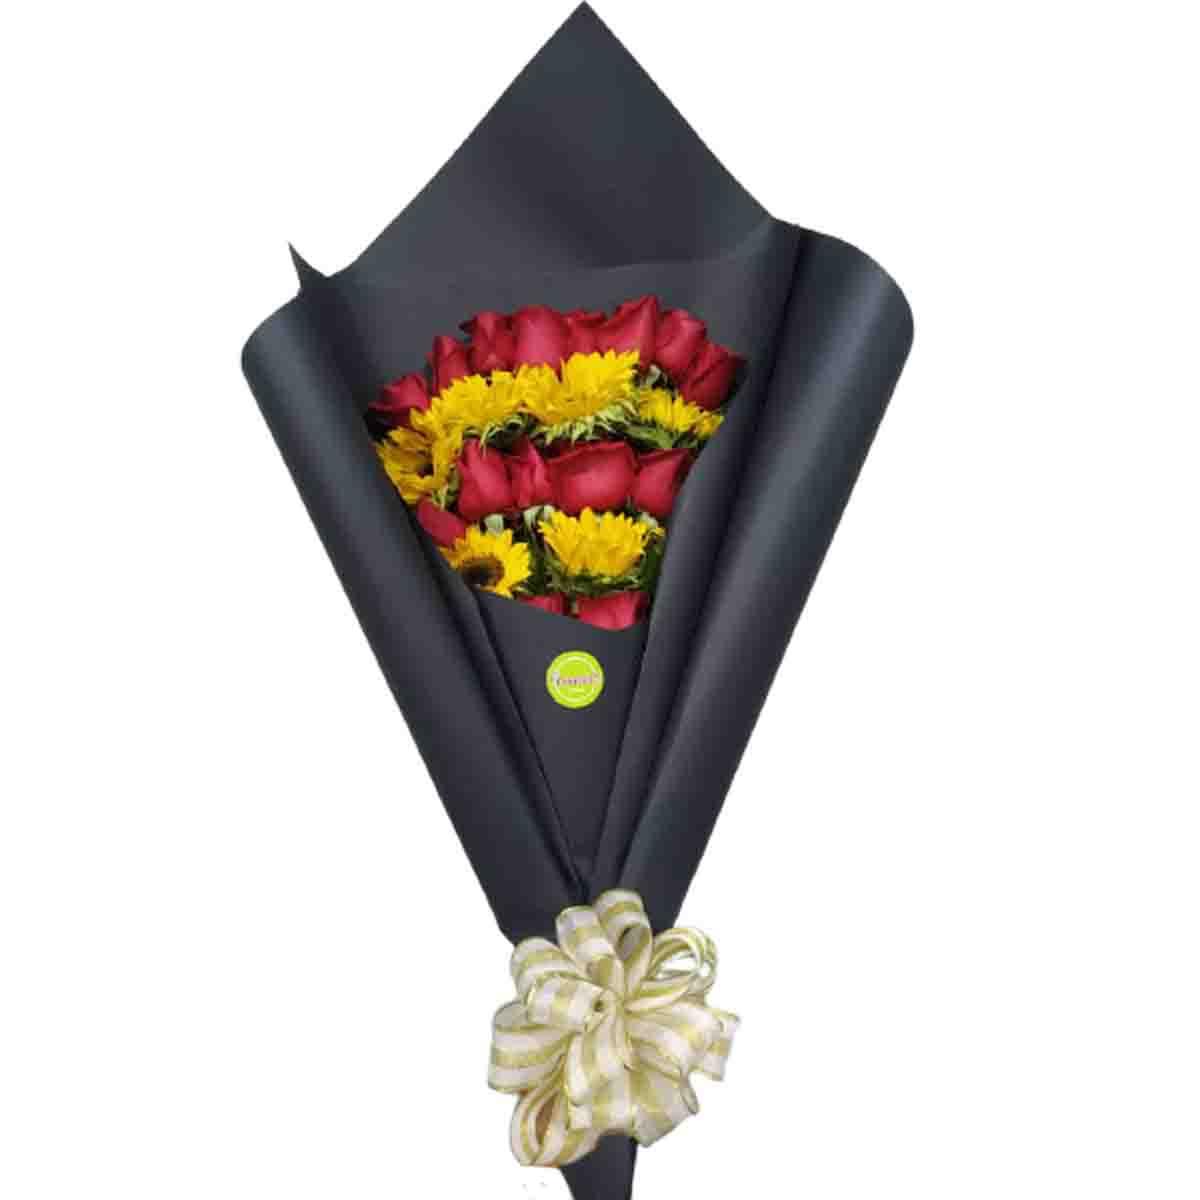 ramillete de rosas y girasoles envoltorio negro